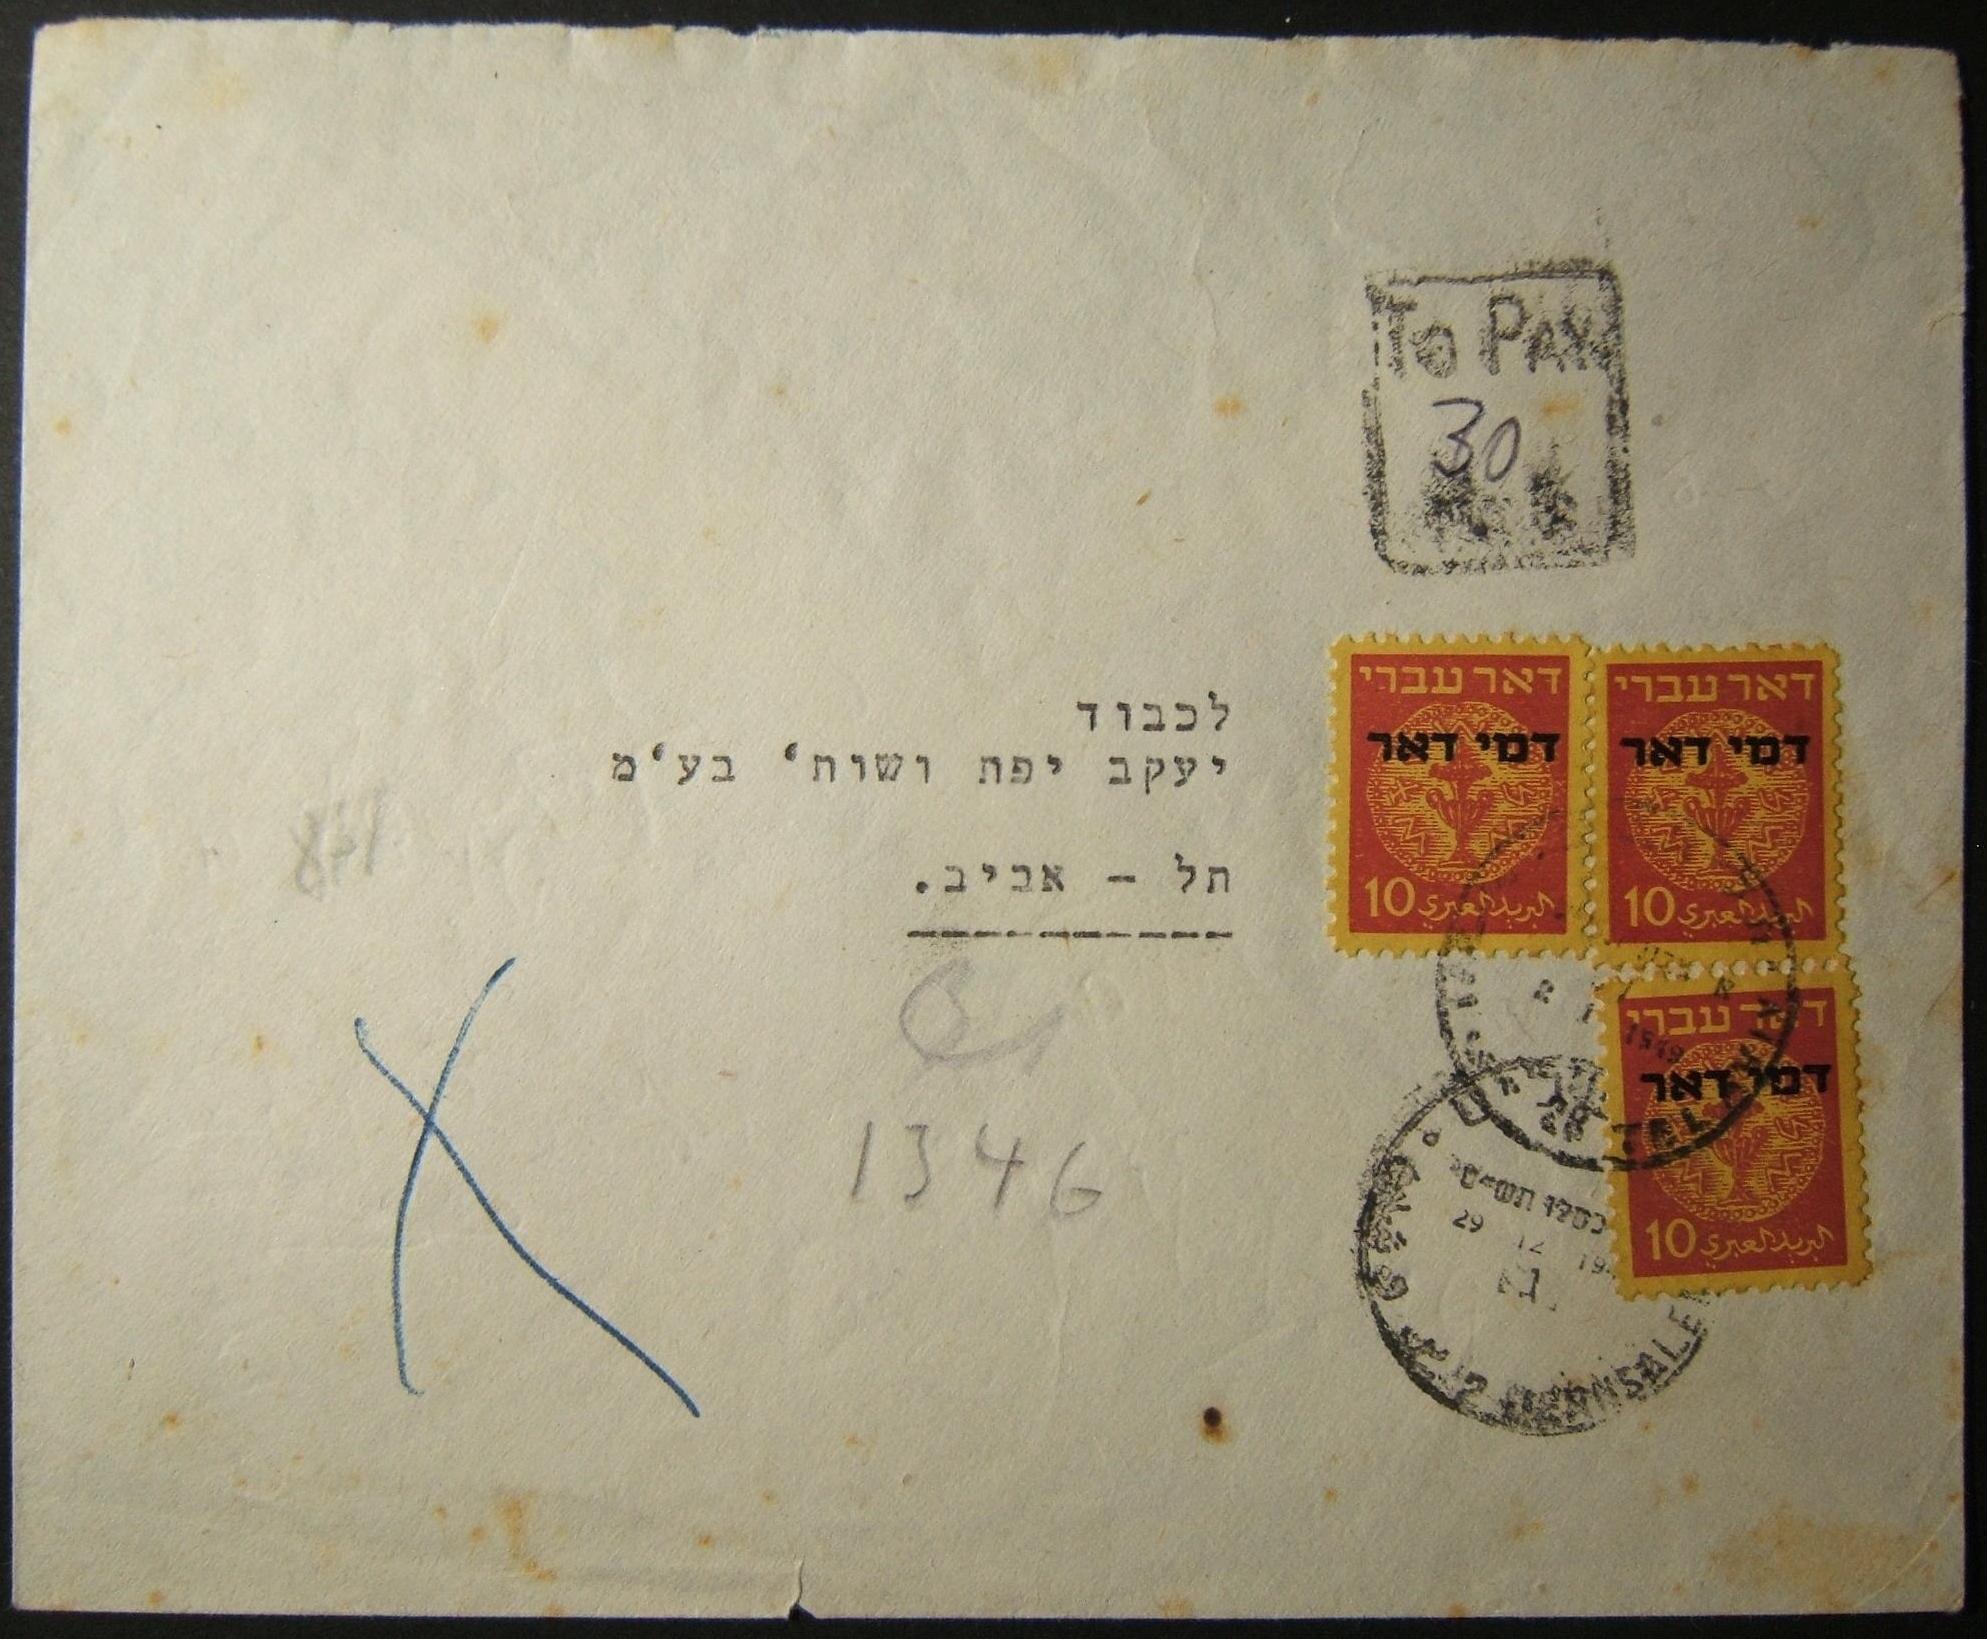 29-12-1948 ירושלים לתל אביב נמסרה ללא מס בדואר באמצעות 3x 10pr דמי דמי דואר